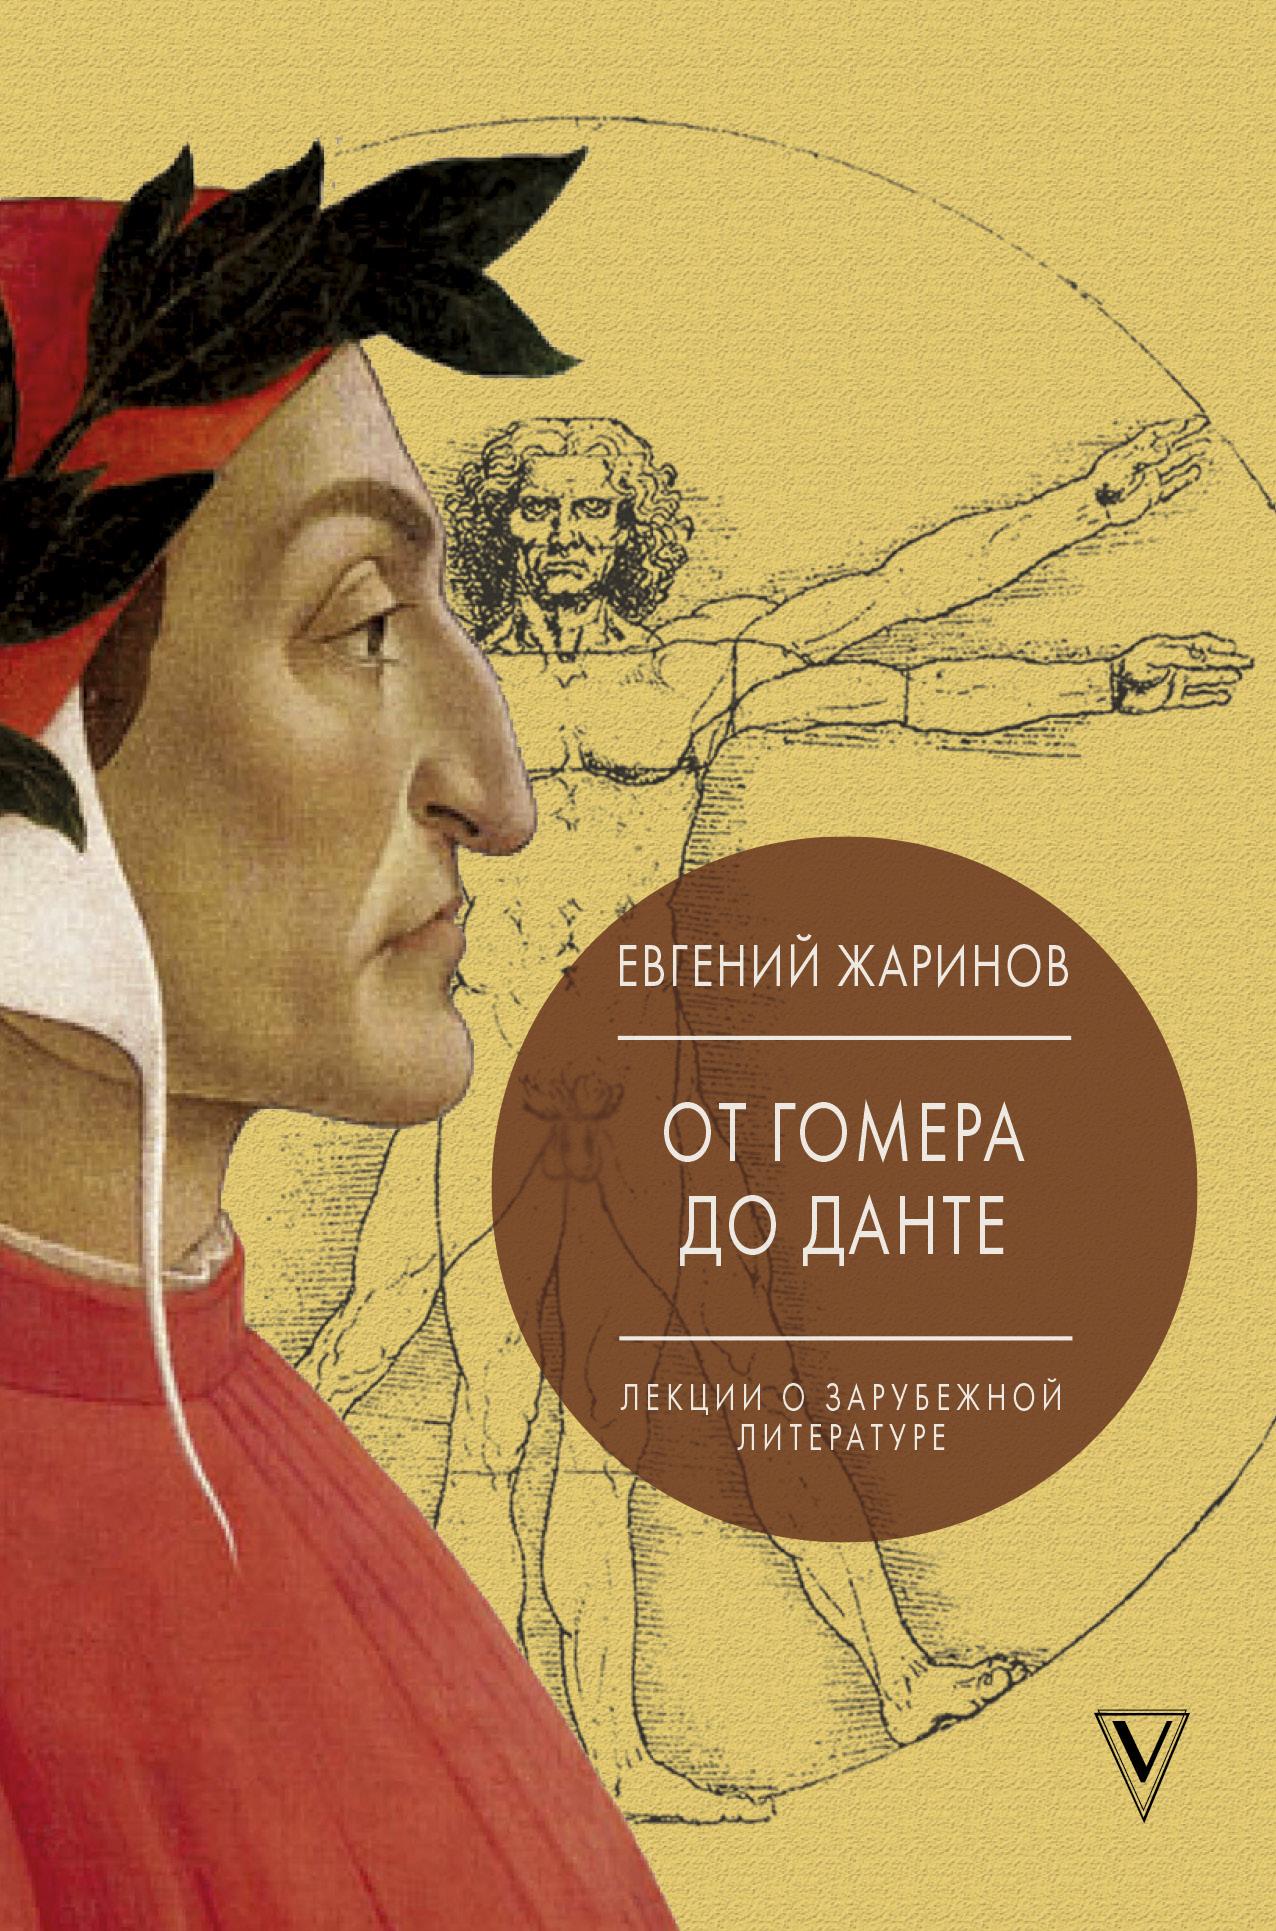 Лекции о зарубежной литературе. От Гомера до Данте.